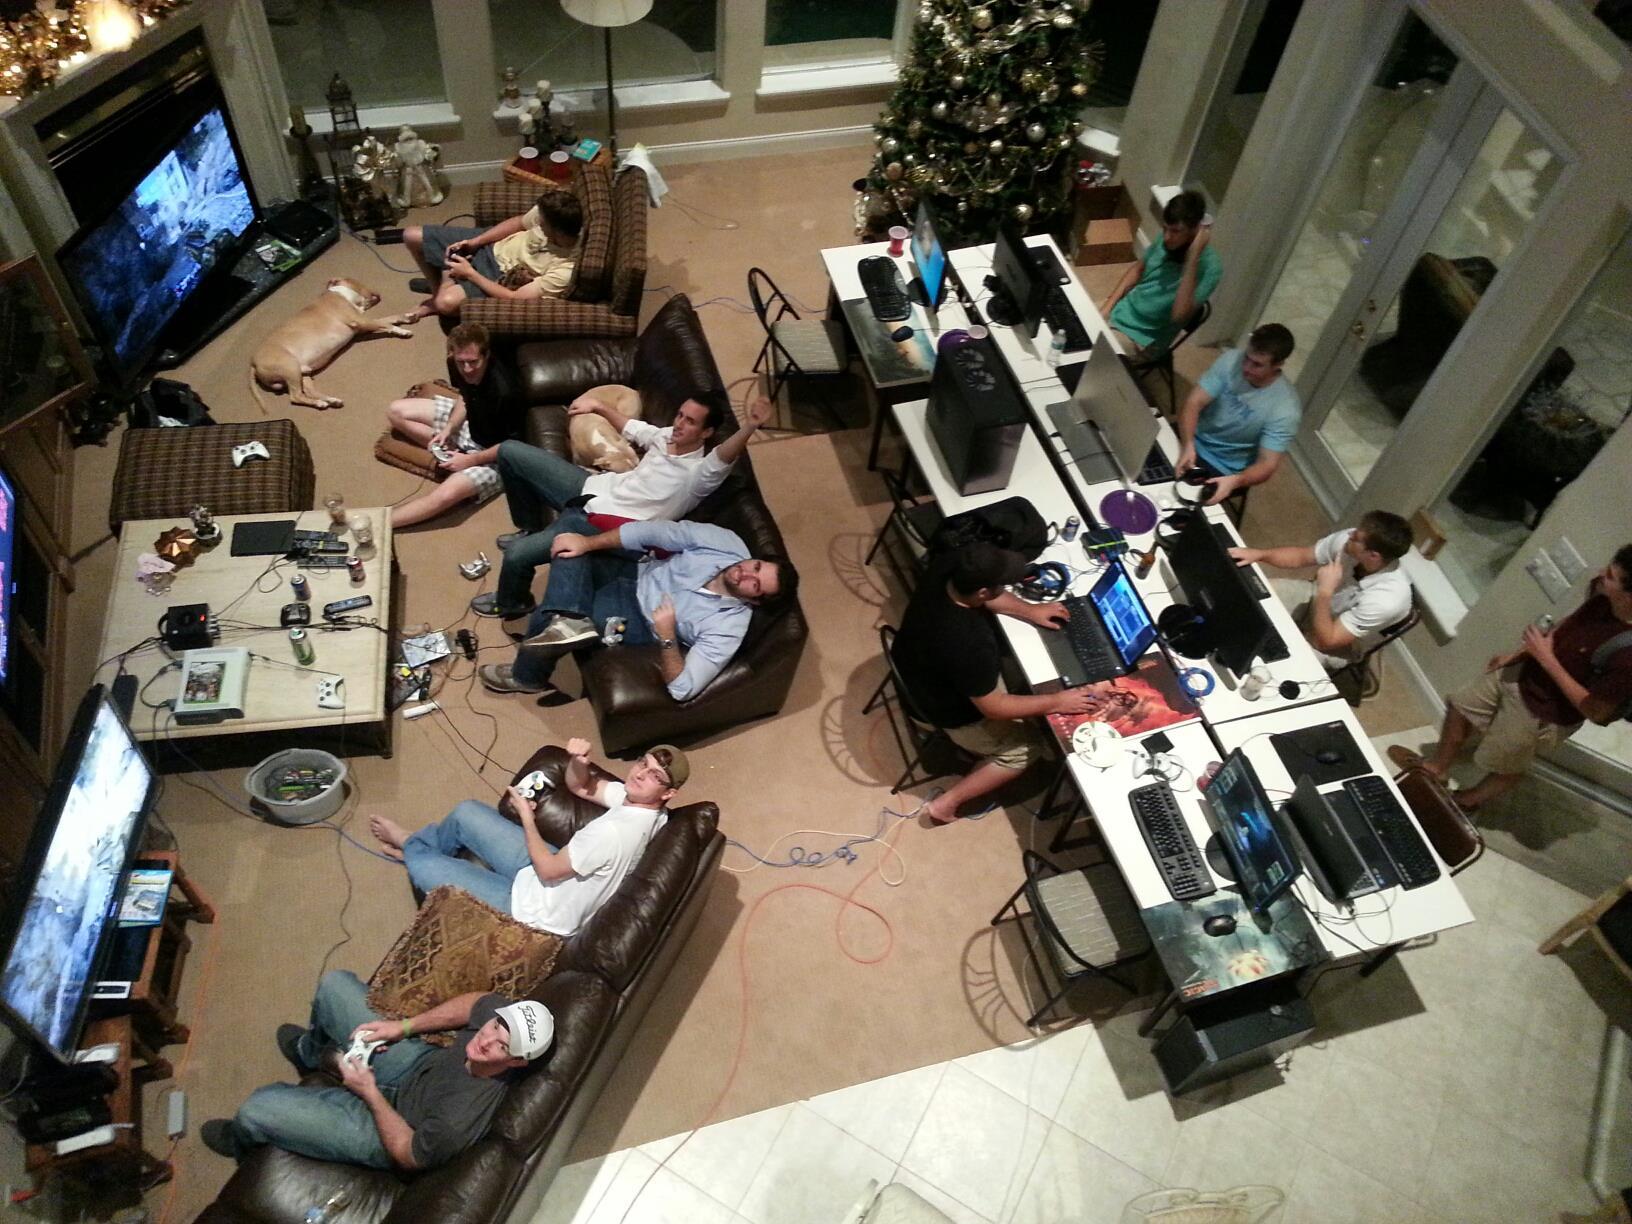 国外玩家记录8年圣诞节游戏聚会场面:将时光珍藏!